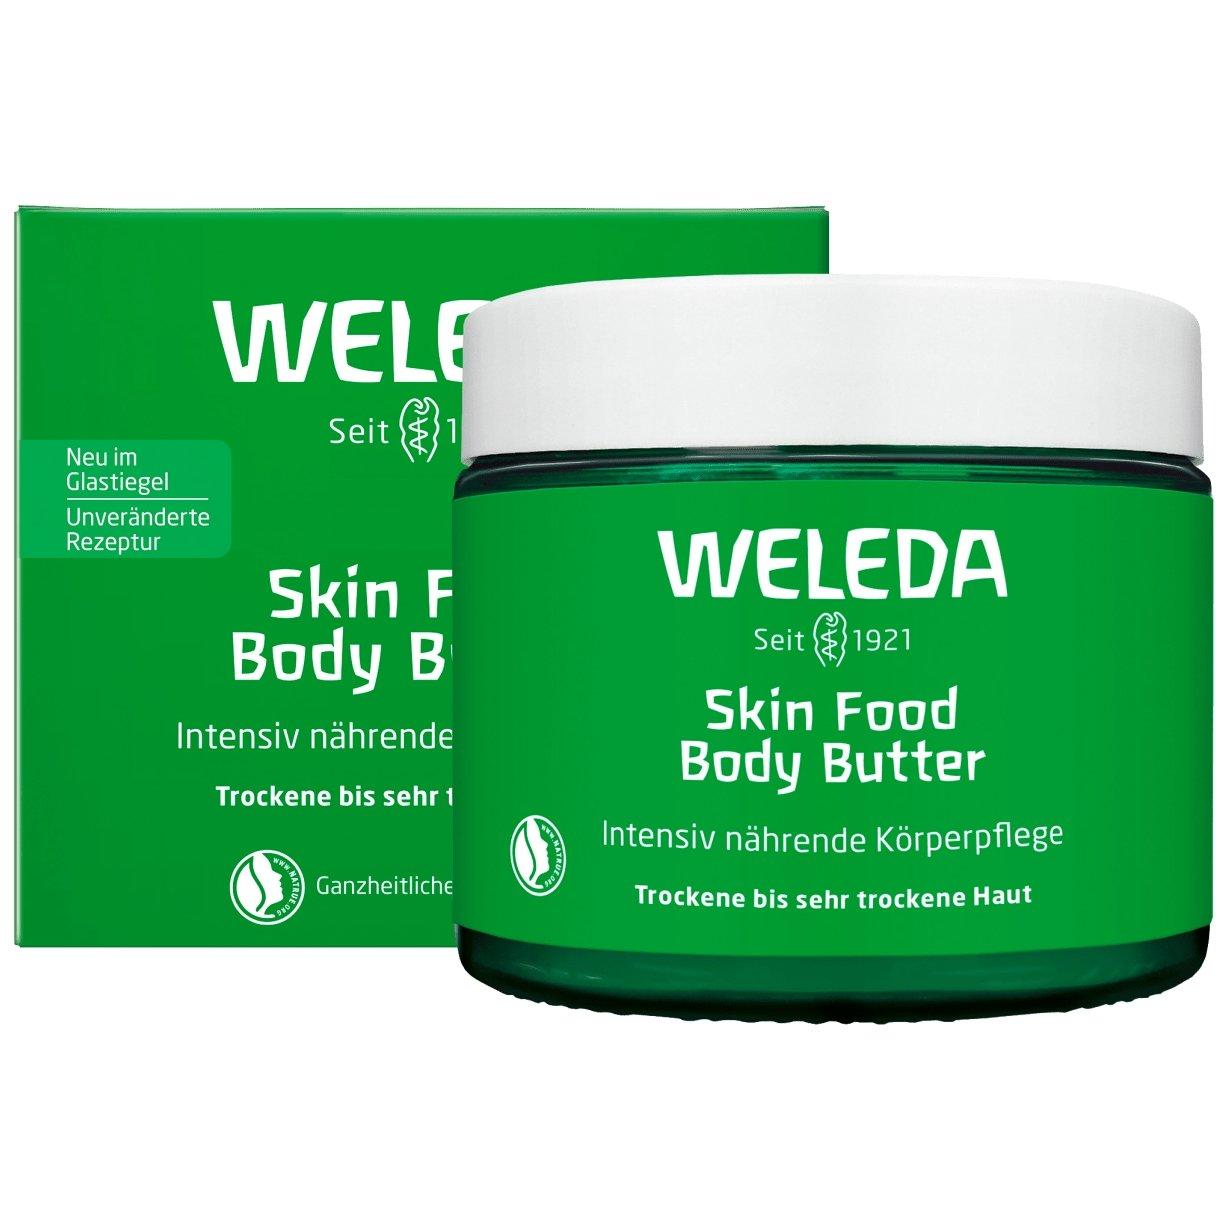 Weleda Skin Food Body Butter Ενυδατικό Βούτυρο Σώματος για Απολαυστική & Εντατική Ενυδάτωση σε Όλο το Σώμα 150ml